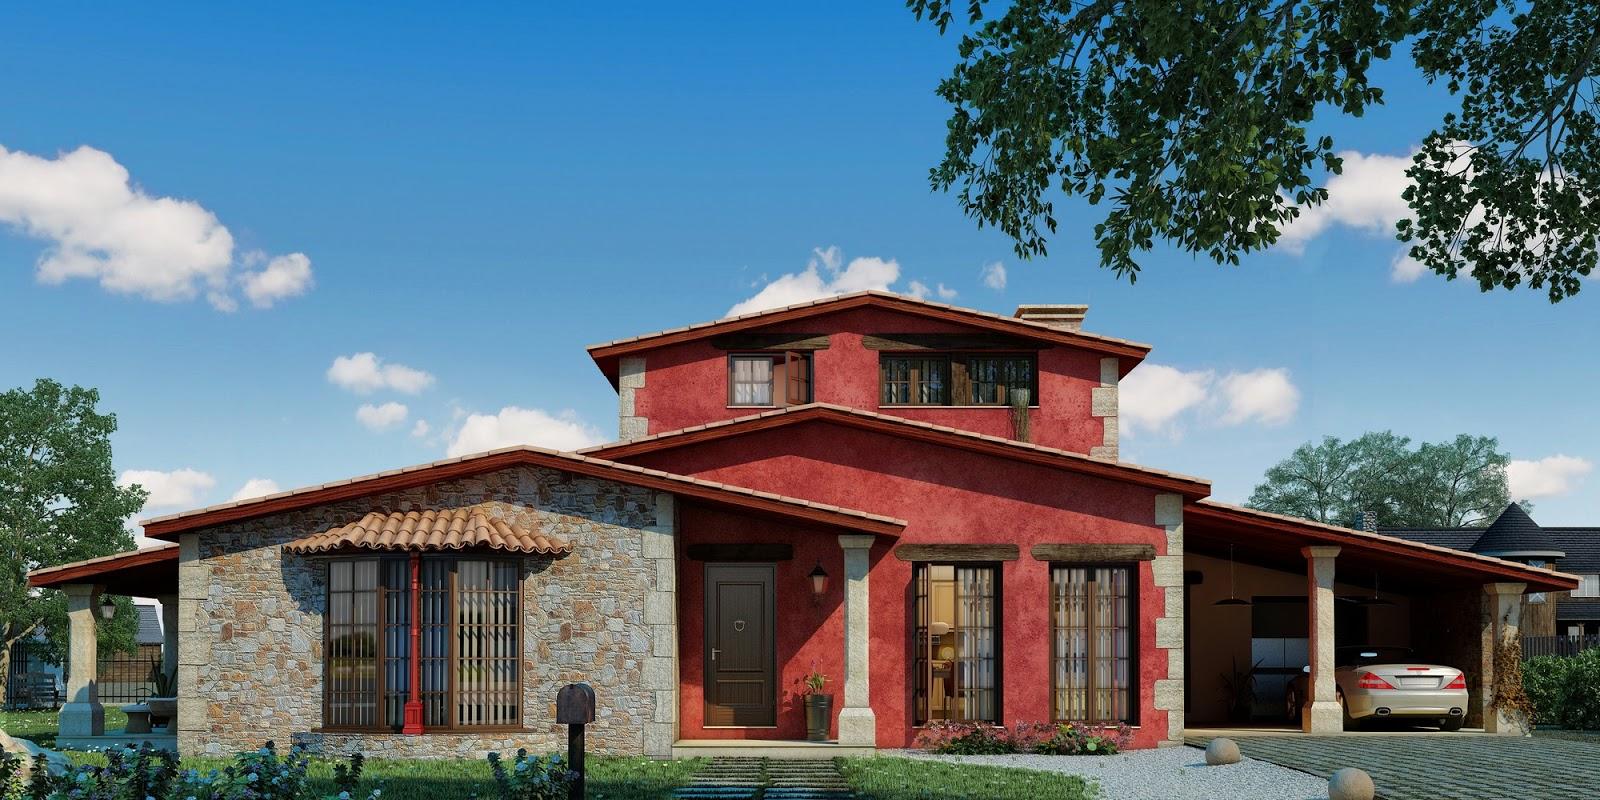 Grupo mera casas r sticas opiniones mera modelo enfesta - Casas rusticas galicia ...